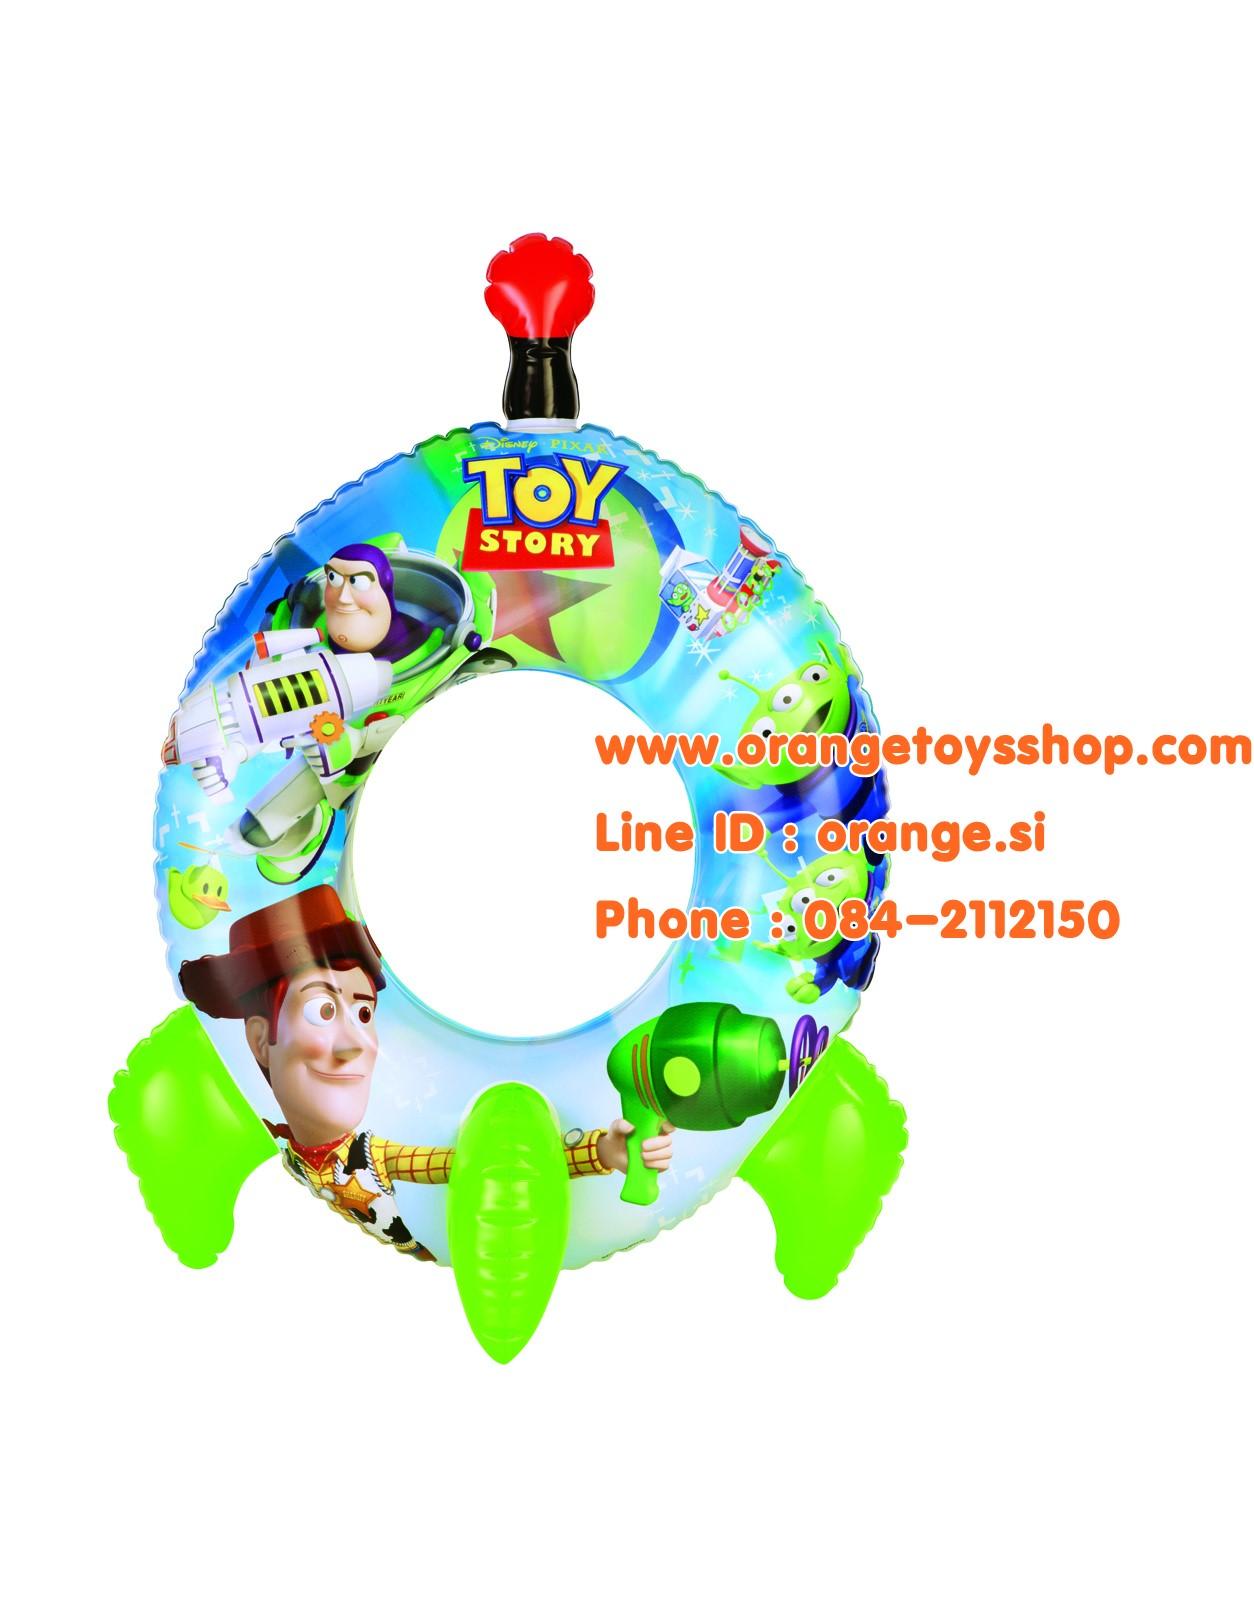 (ขนาด 22 นิ้ว) ห่วงยาง ทอย สตอรี่(Toy Story) ขนาด 22 นิ้ว